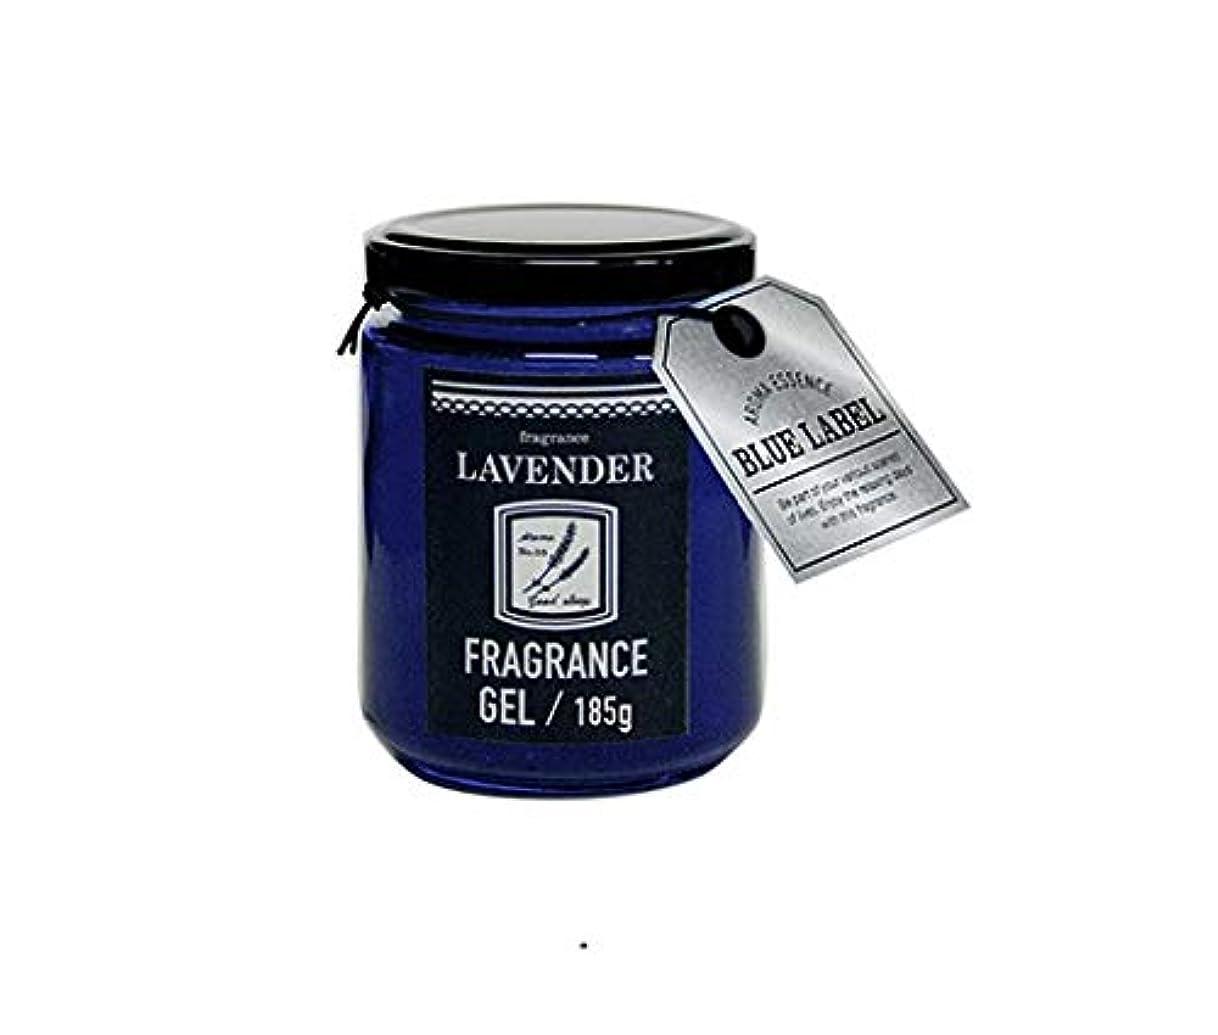 ピアすみませんピグマリオンブルーラベル ブルー フレグランスジェル185g ラベンダー(消臭除菌 日本製 心落ち着ける香り)